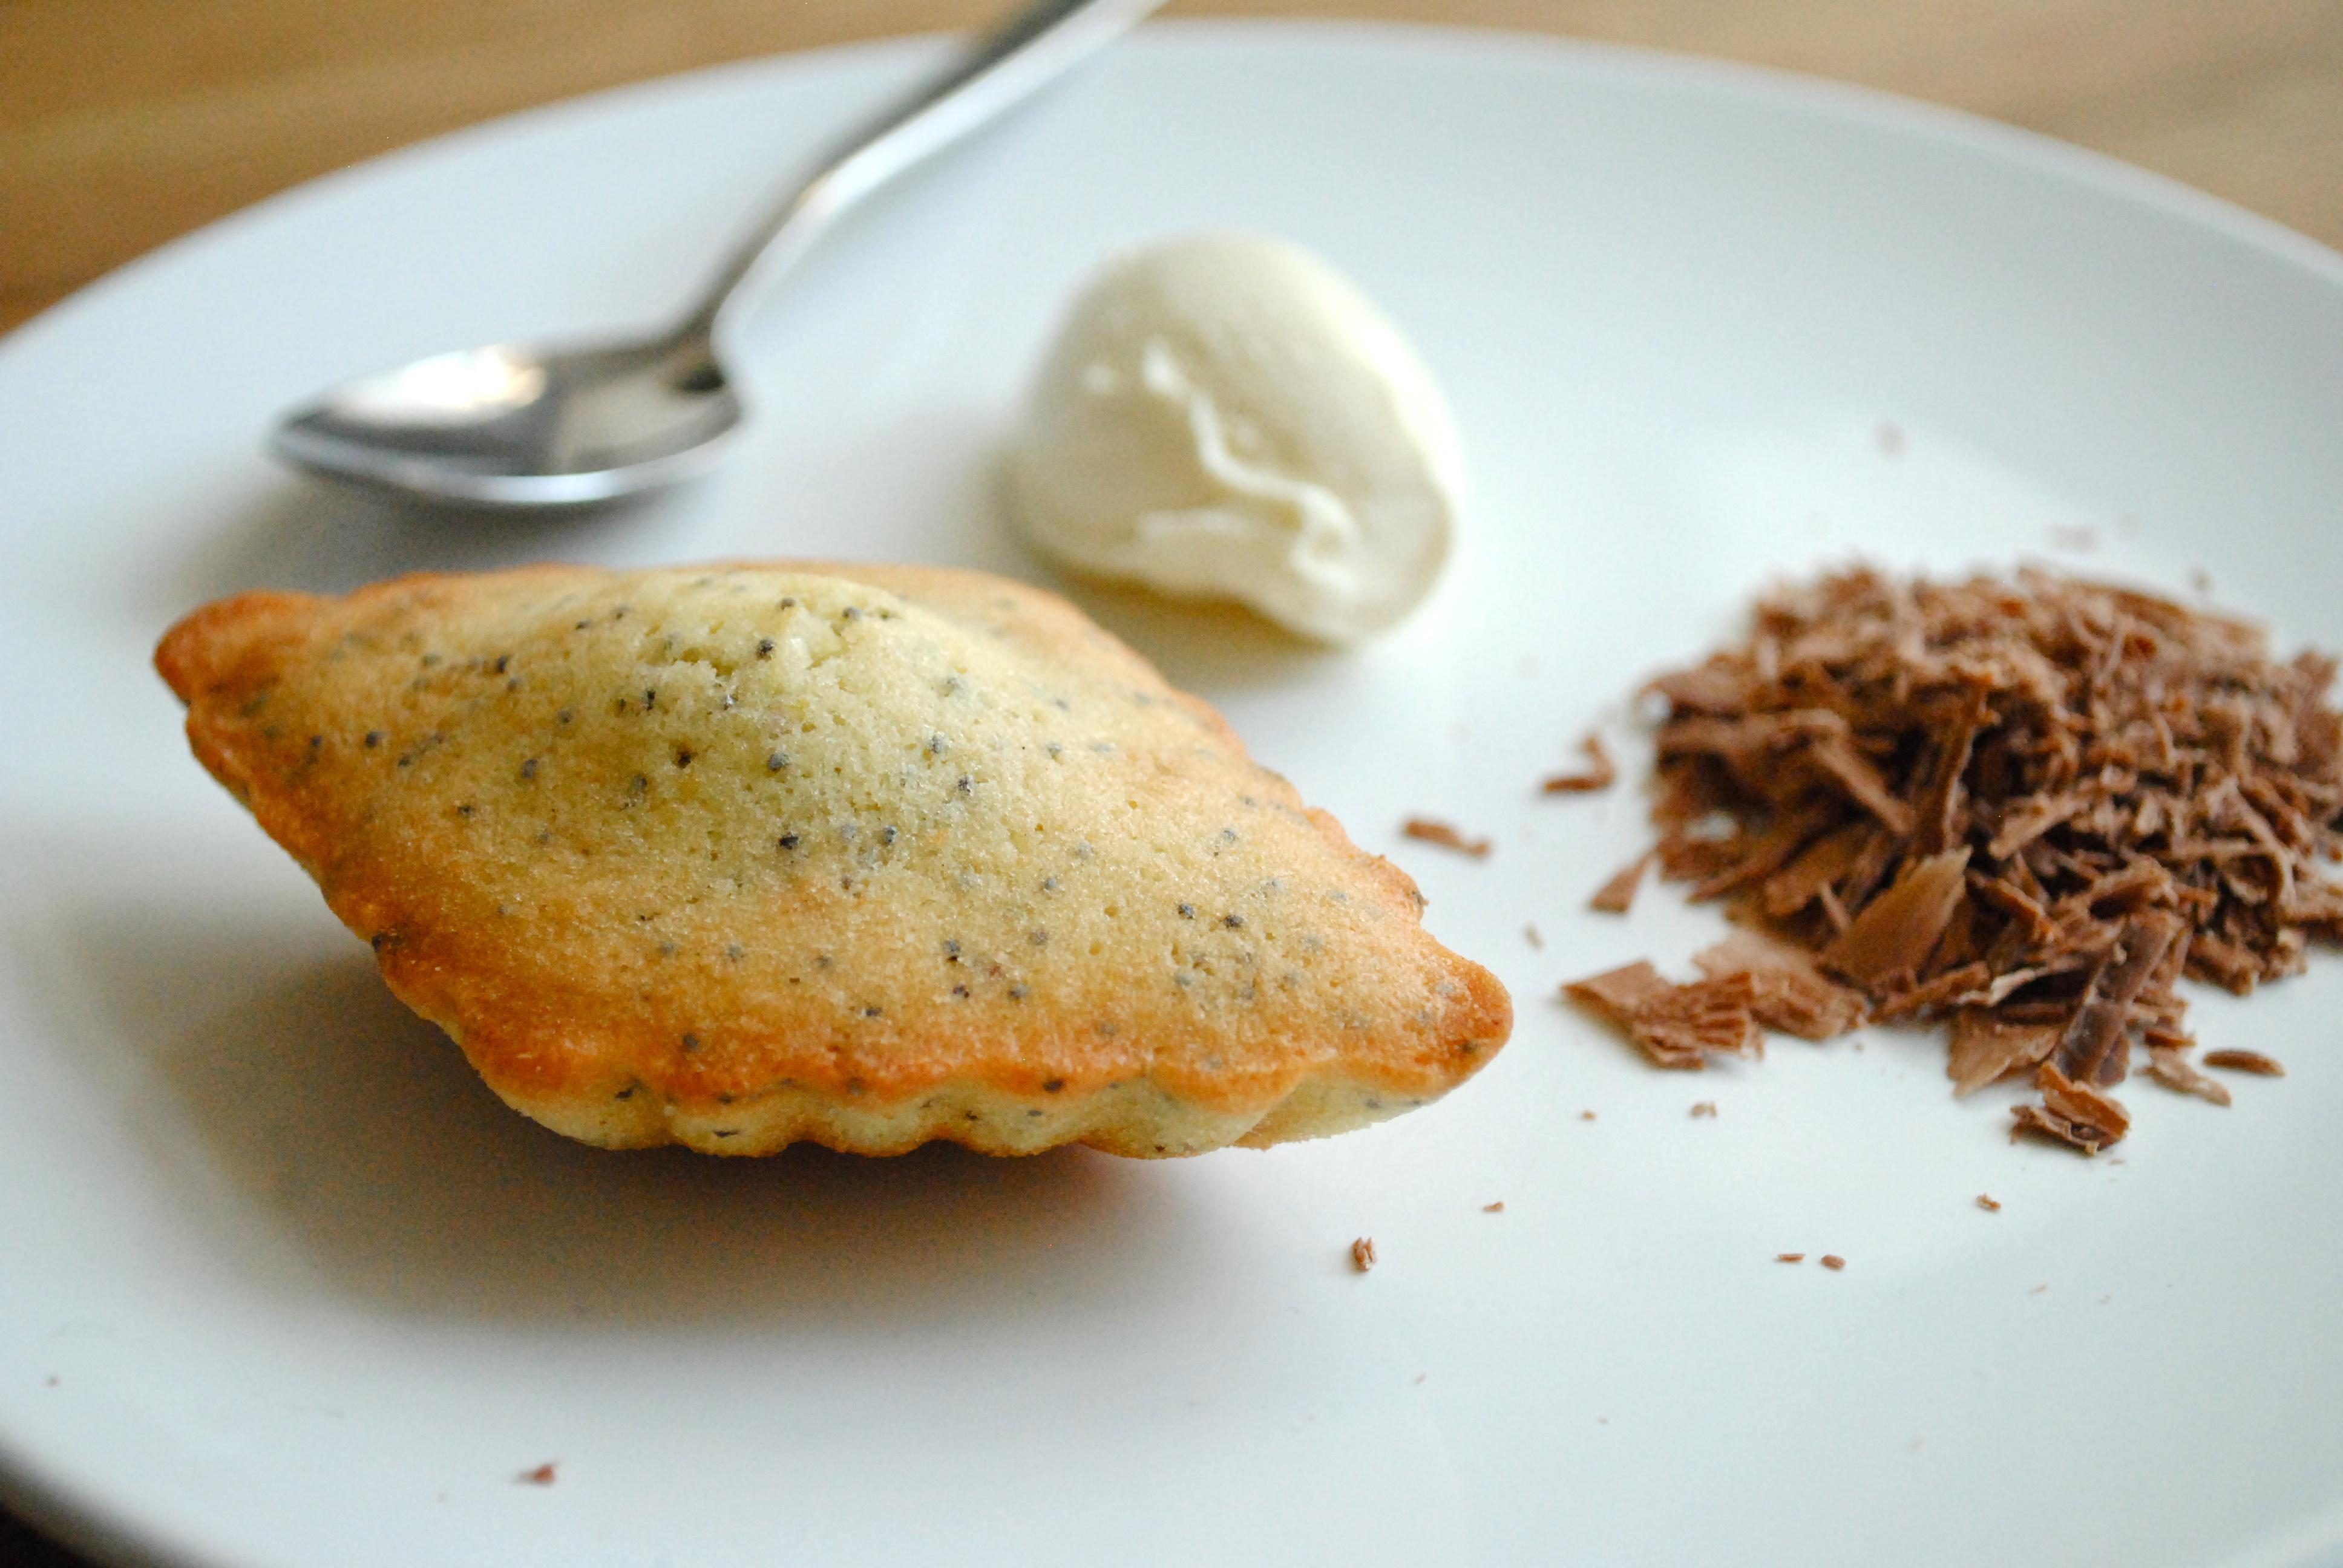 En lille spontan dessert proppet med ren livsnydelse